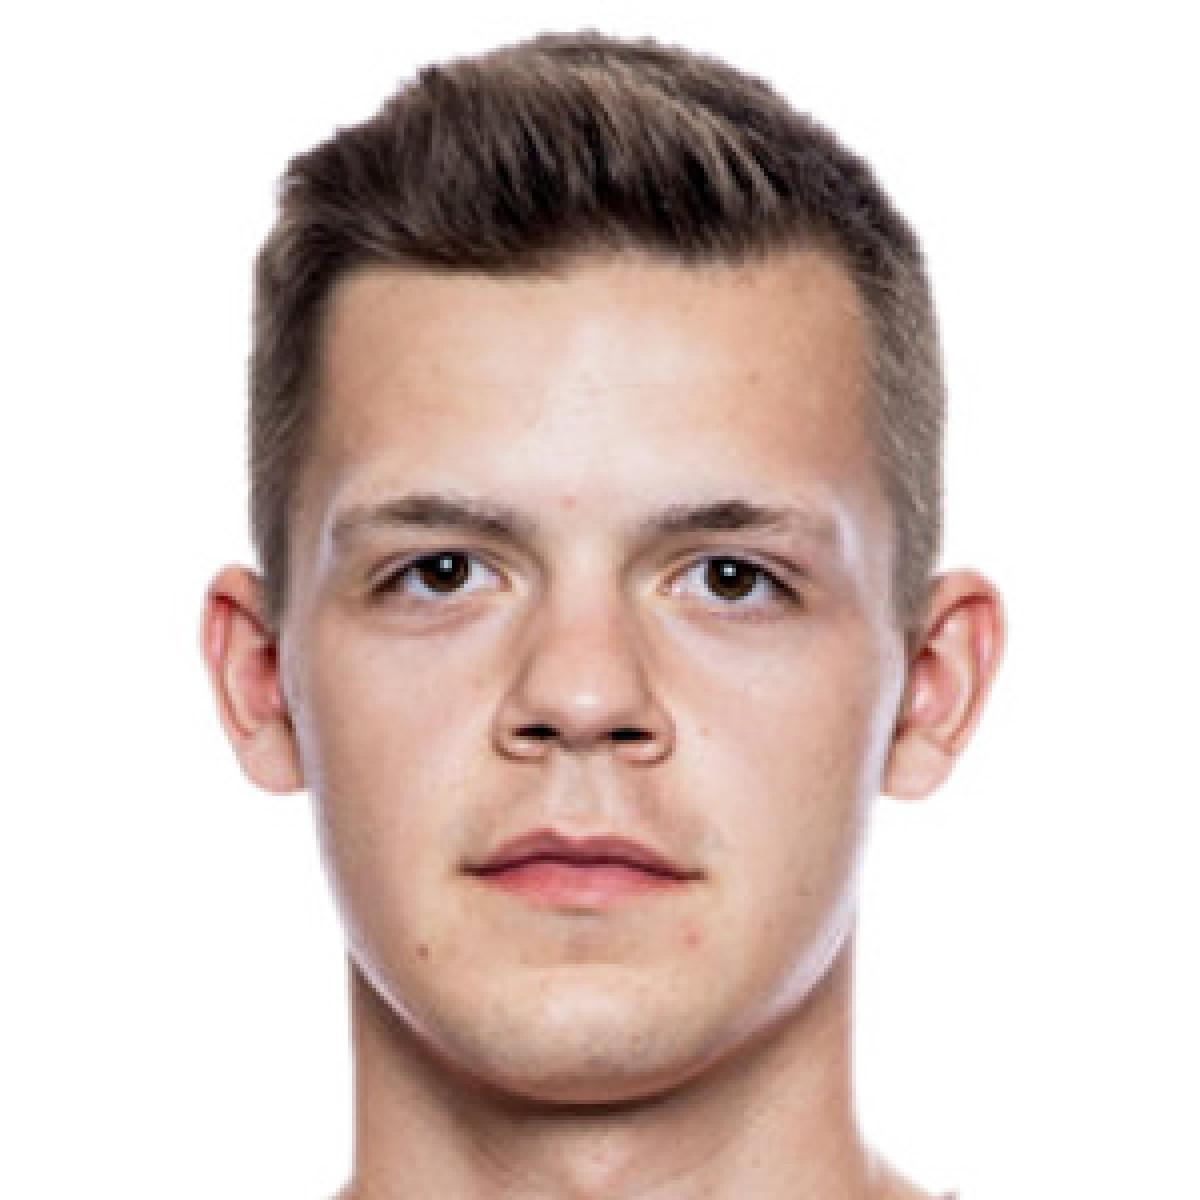 Lukas Rosenbohm